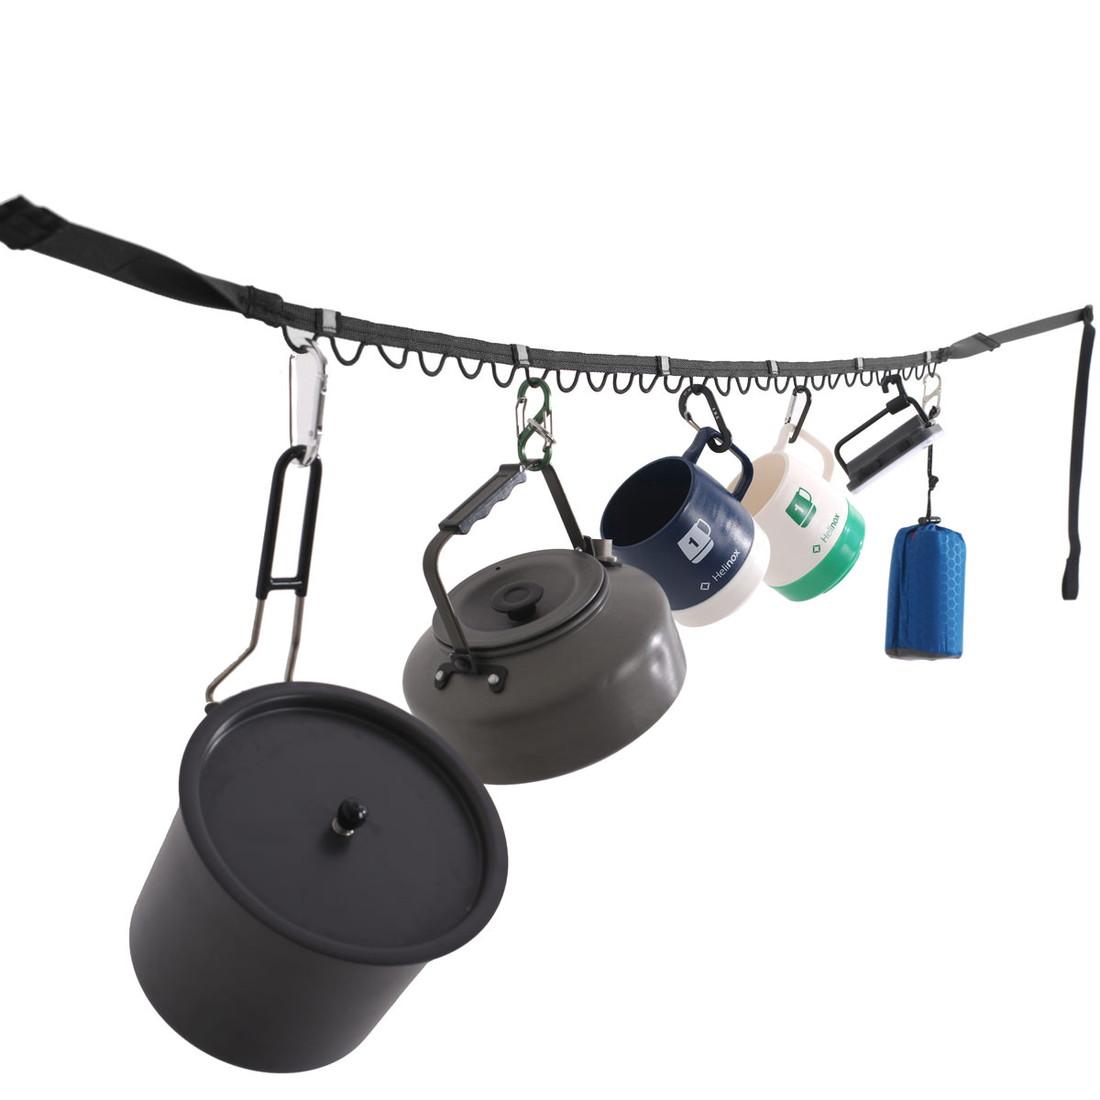 ヘリノックス デイジージェーン 2.5-4.0 洗濯ひも ランドリーロープ  国内正規品